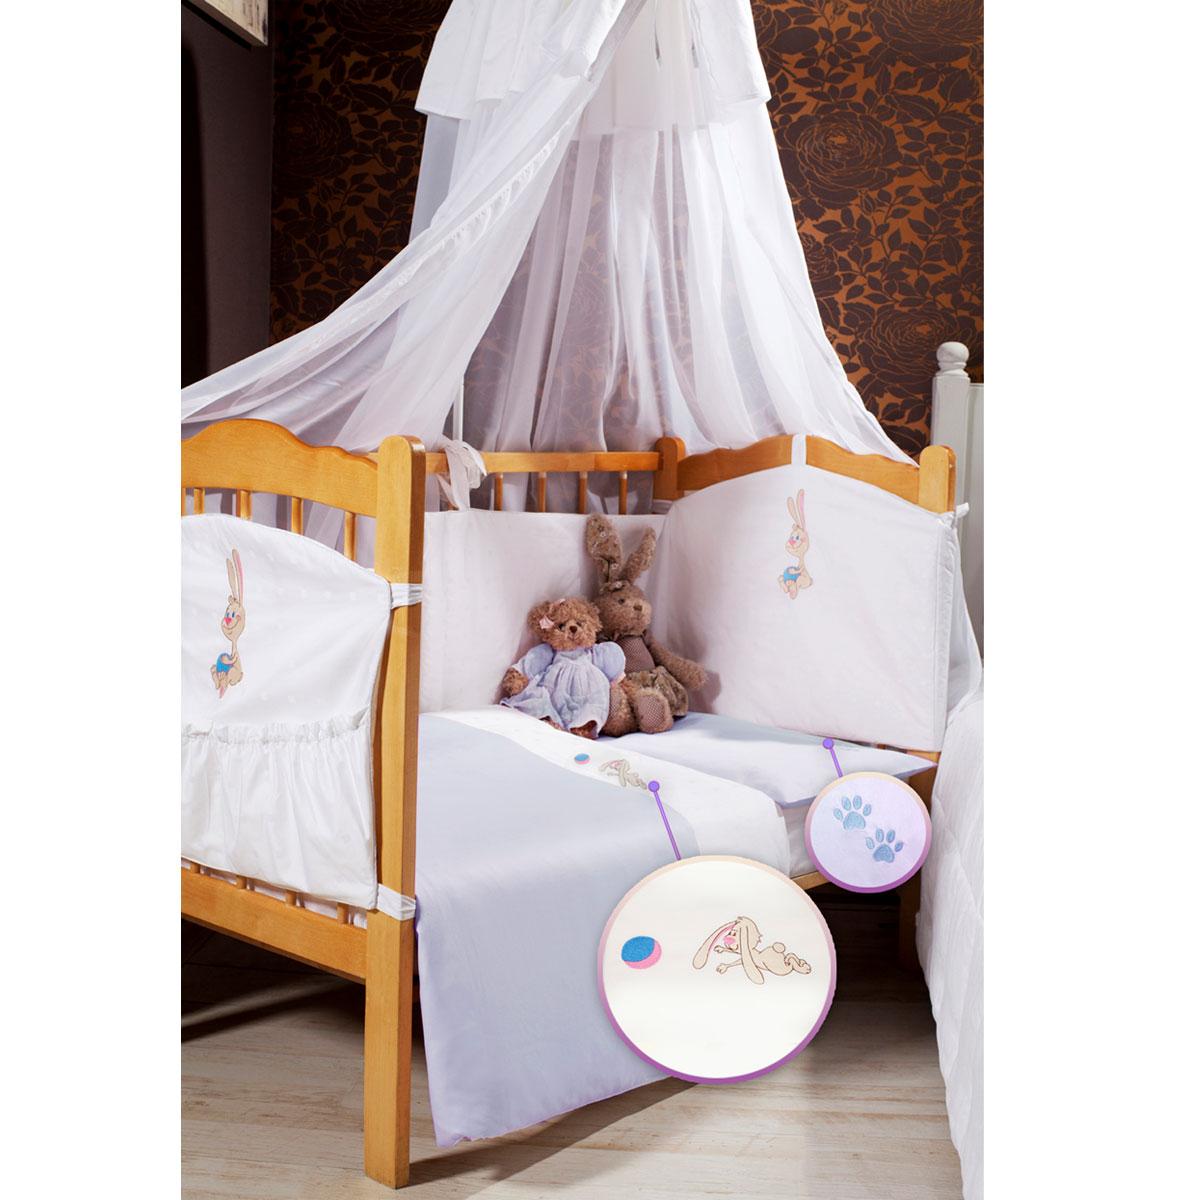 Детское постельное белье Primavelle Lovely Baby (ясельный спальный КПБ, хлопок, наволочка 42х62), цвет: голубой10503Детское постельное белье Primavelle Lovely Baby прекрасно подойдет для вашего малыша. Текстиль произведен из 100% хлопка. При нанесении рисунка используются безопасные натуральные красители, не вызывающие аллергии. Гладкая структура делает ткань приятной на ощупь, она прочная и хорошо сохраняет форму, мало мнется и устойчива к частым стиркам. Комплект состоит из наволочки, простыни на резинке и пододеяльника. Яркий рисунок непременно понравится вашему ребенку.В комплект входят: Пододеяльник - 1 шт. Размер: 145 см х 115 см. Простыня - 1 шт. Размер: 120 см х 60 см. Наволочка - 1 шт. Размер: 42 см х 62 см.